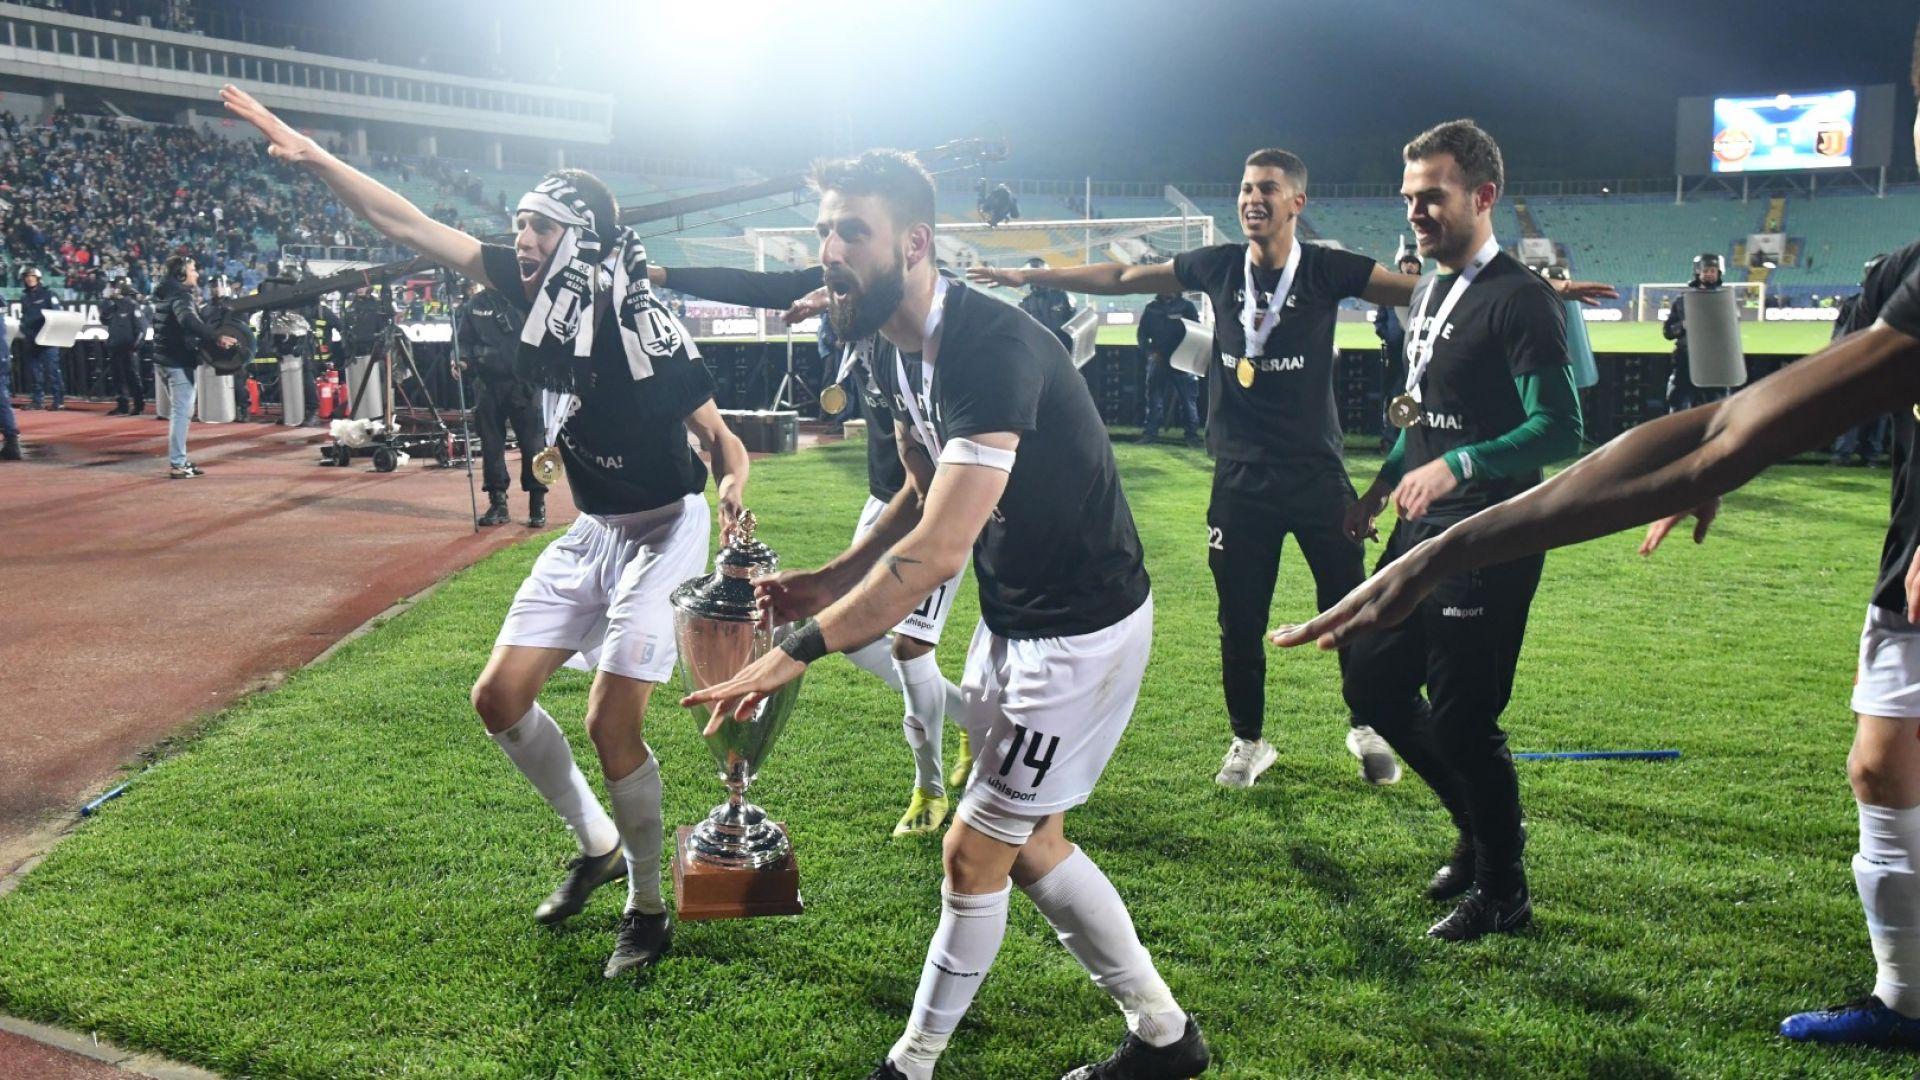 Пловдивският футболен празник (снимки и видео)